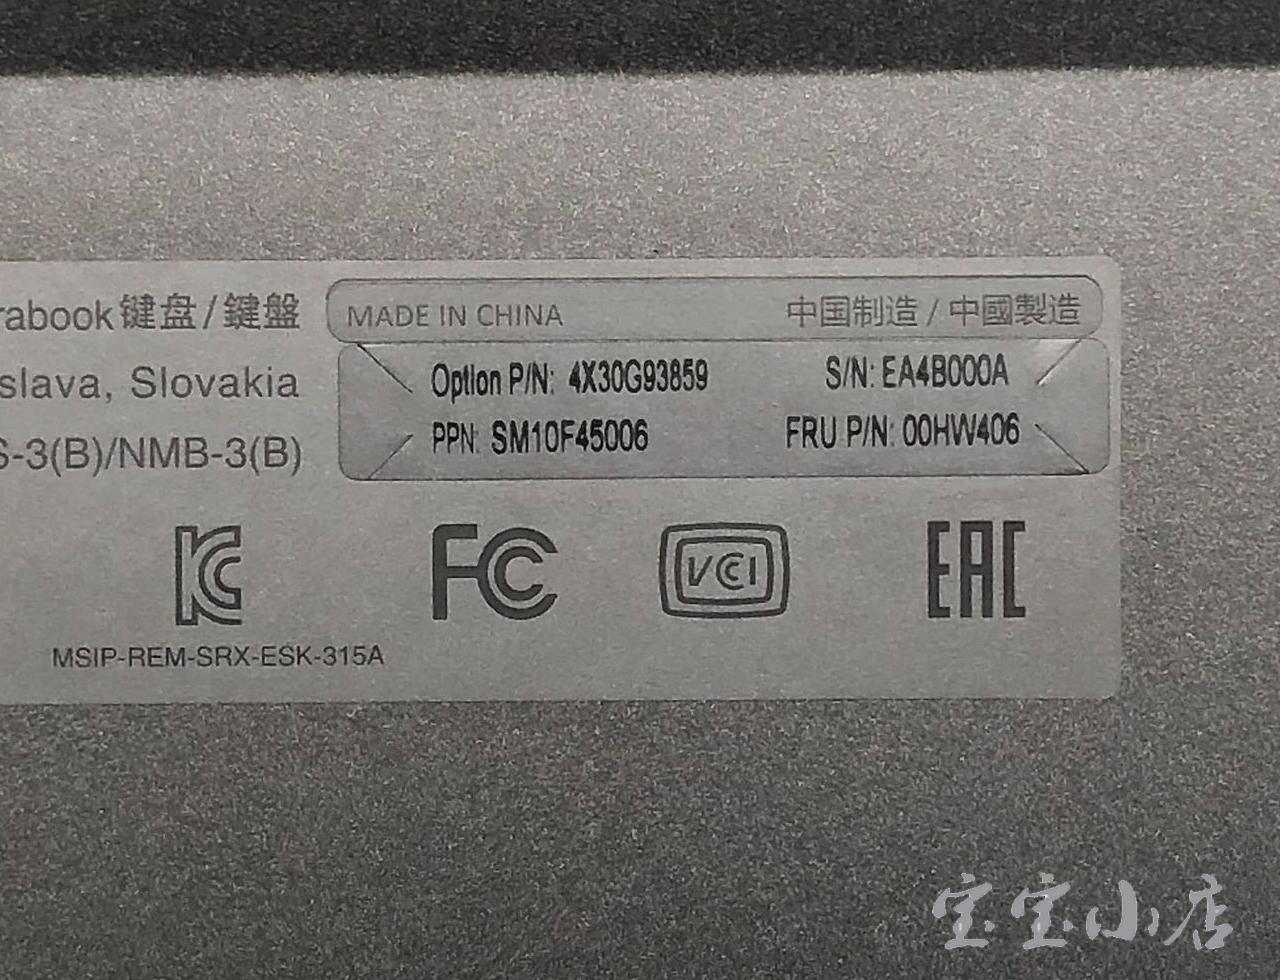 联想 lenovo thinkpad Helix Ultrabook keyboard 键盘底座拓展坞4X30G93859 00HW406